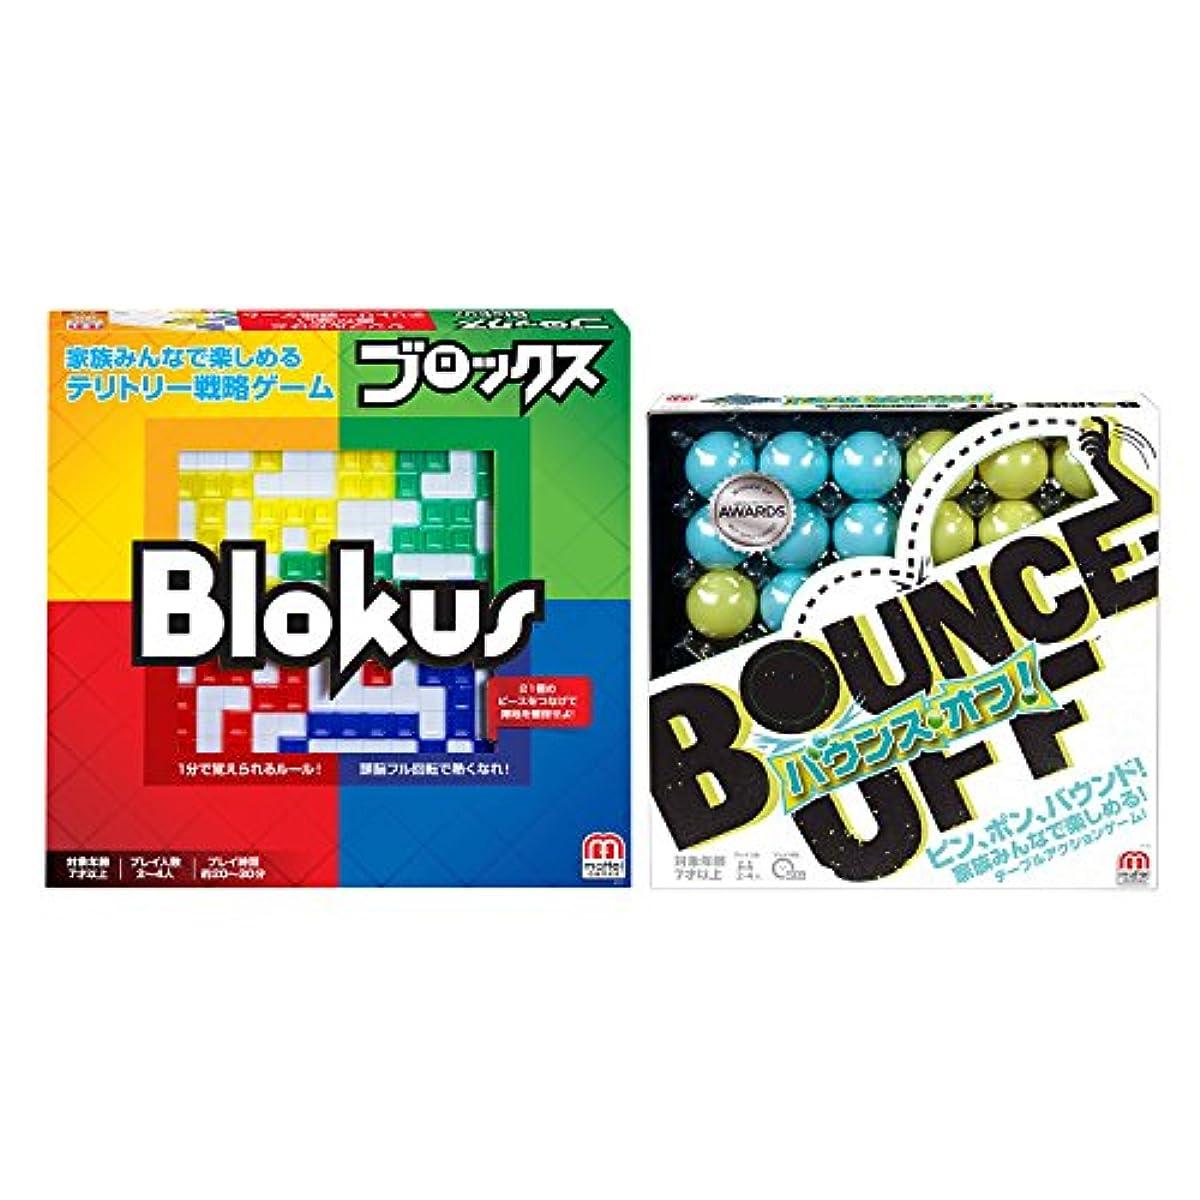 [해외] 블록스와 bounce오프의 파티 게임 세트